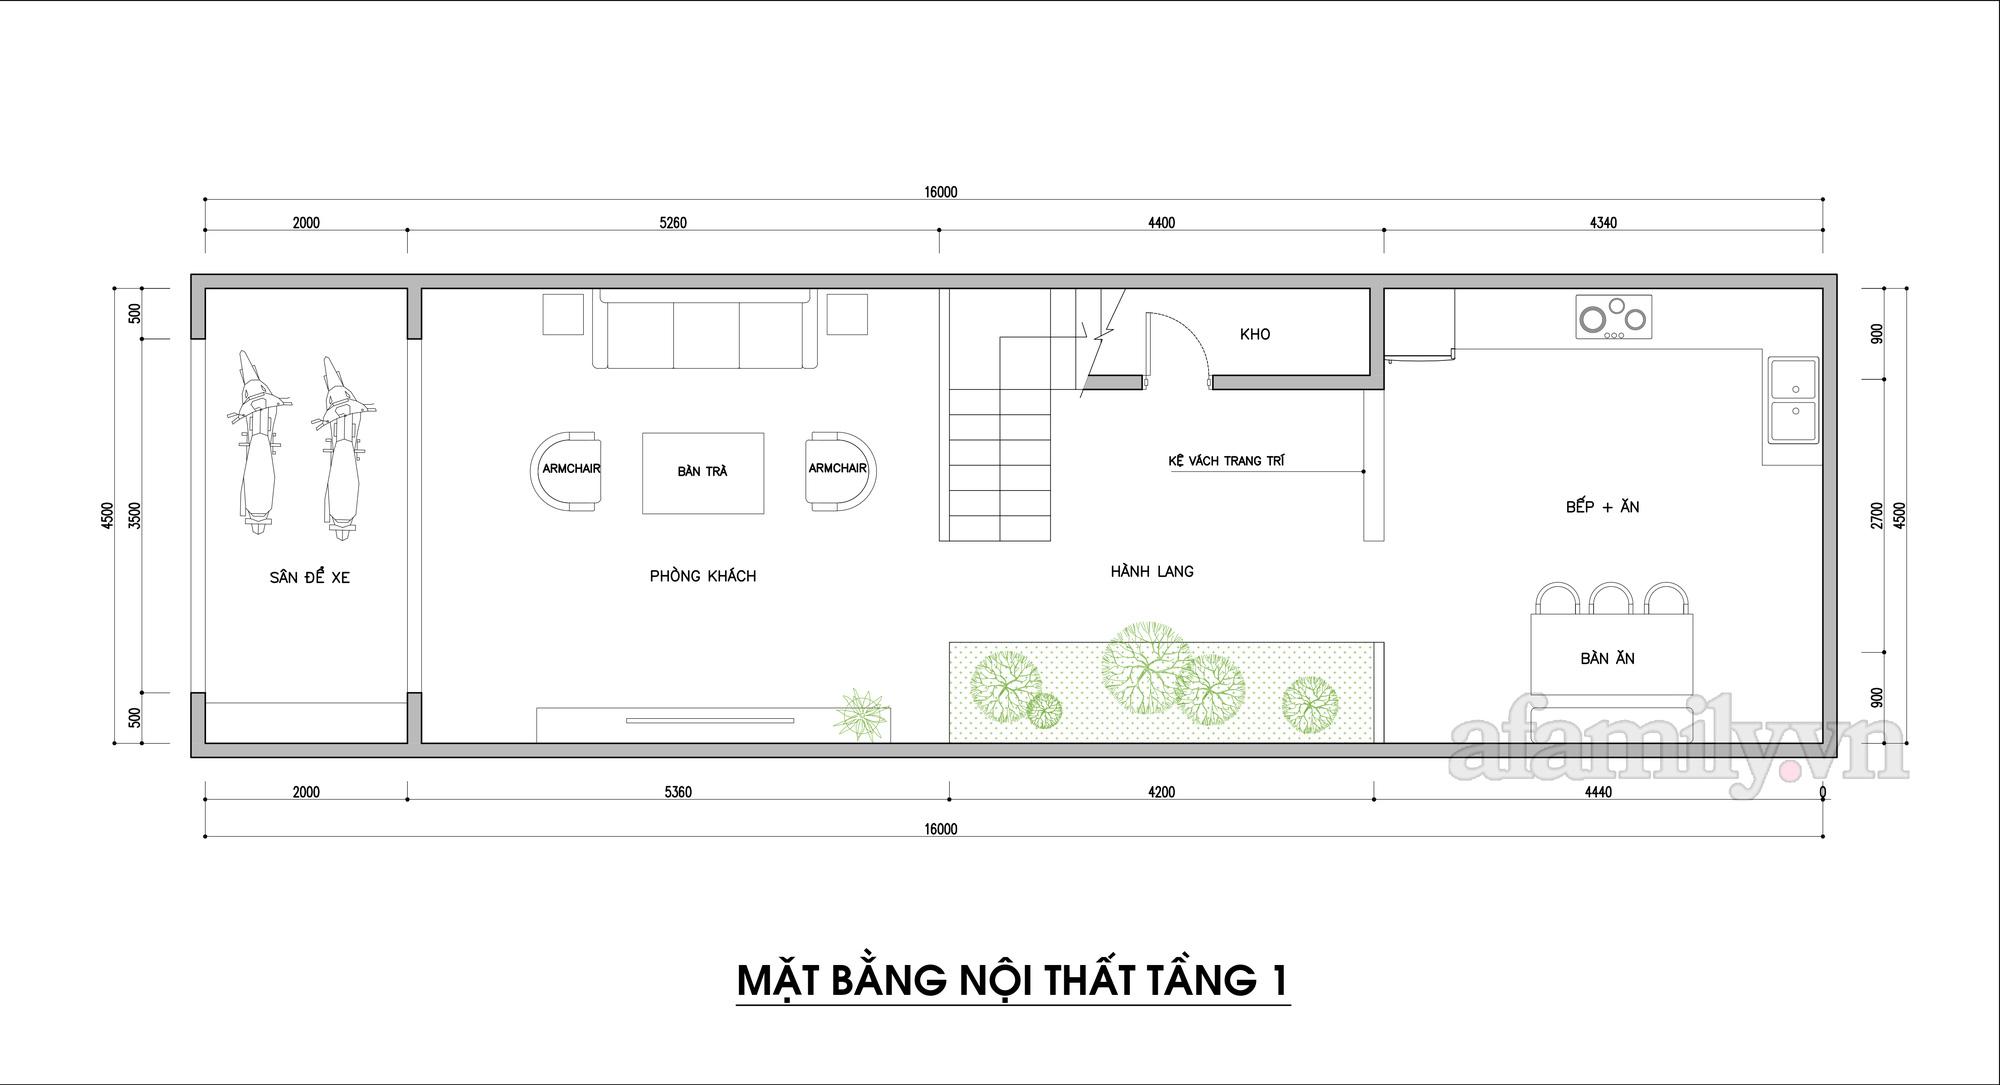 Kiến trúc sư tư vấn thiết kế nhà phố 3 tầng diện tích 72m² với chi phí tiết kiệm chỉ 220 triệu đồng - Ảnh 2.